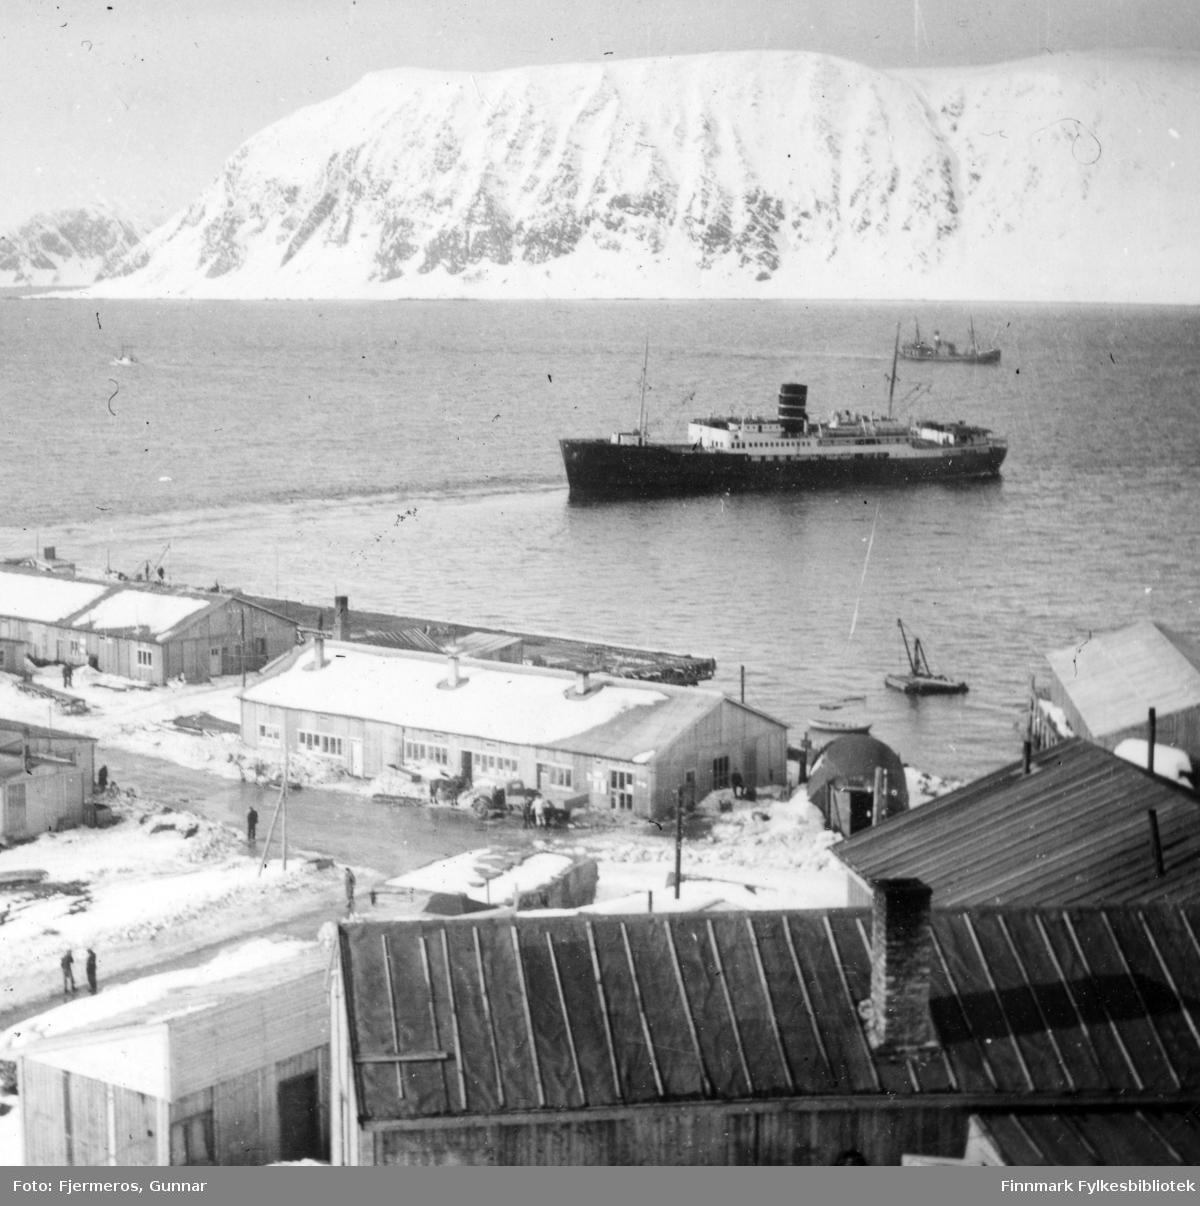 Hurtigruteskipet D/S Nordstjernen fotografert i havna i Honningsvåg en vinterdag i 1947.